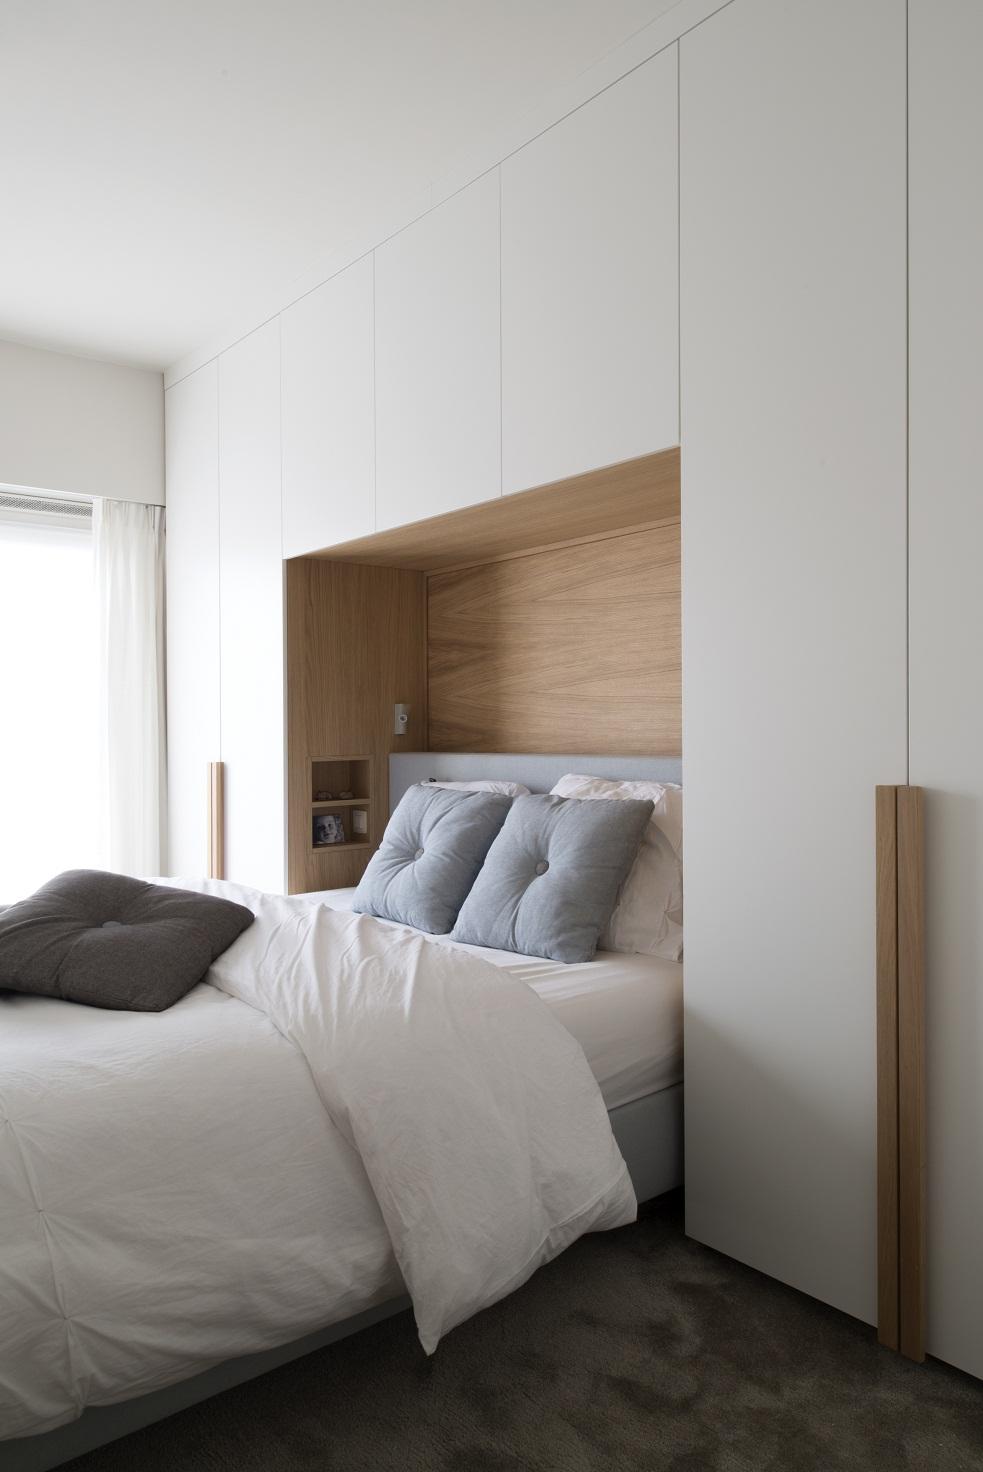 Бюджетный ремонт в однокомнатной квартире в спальне